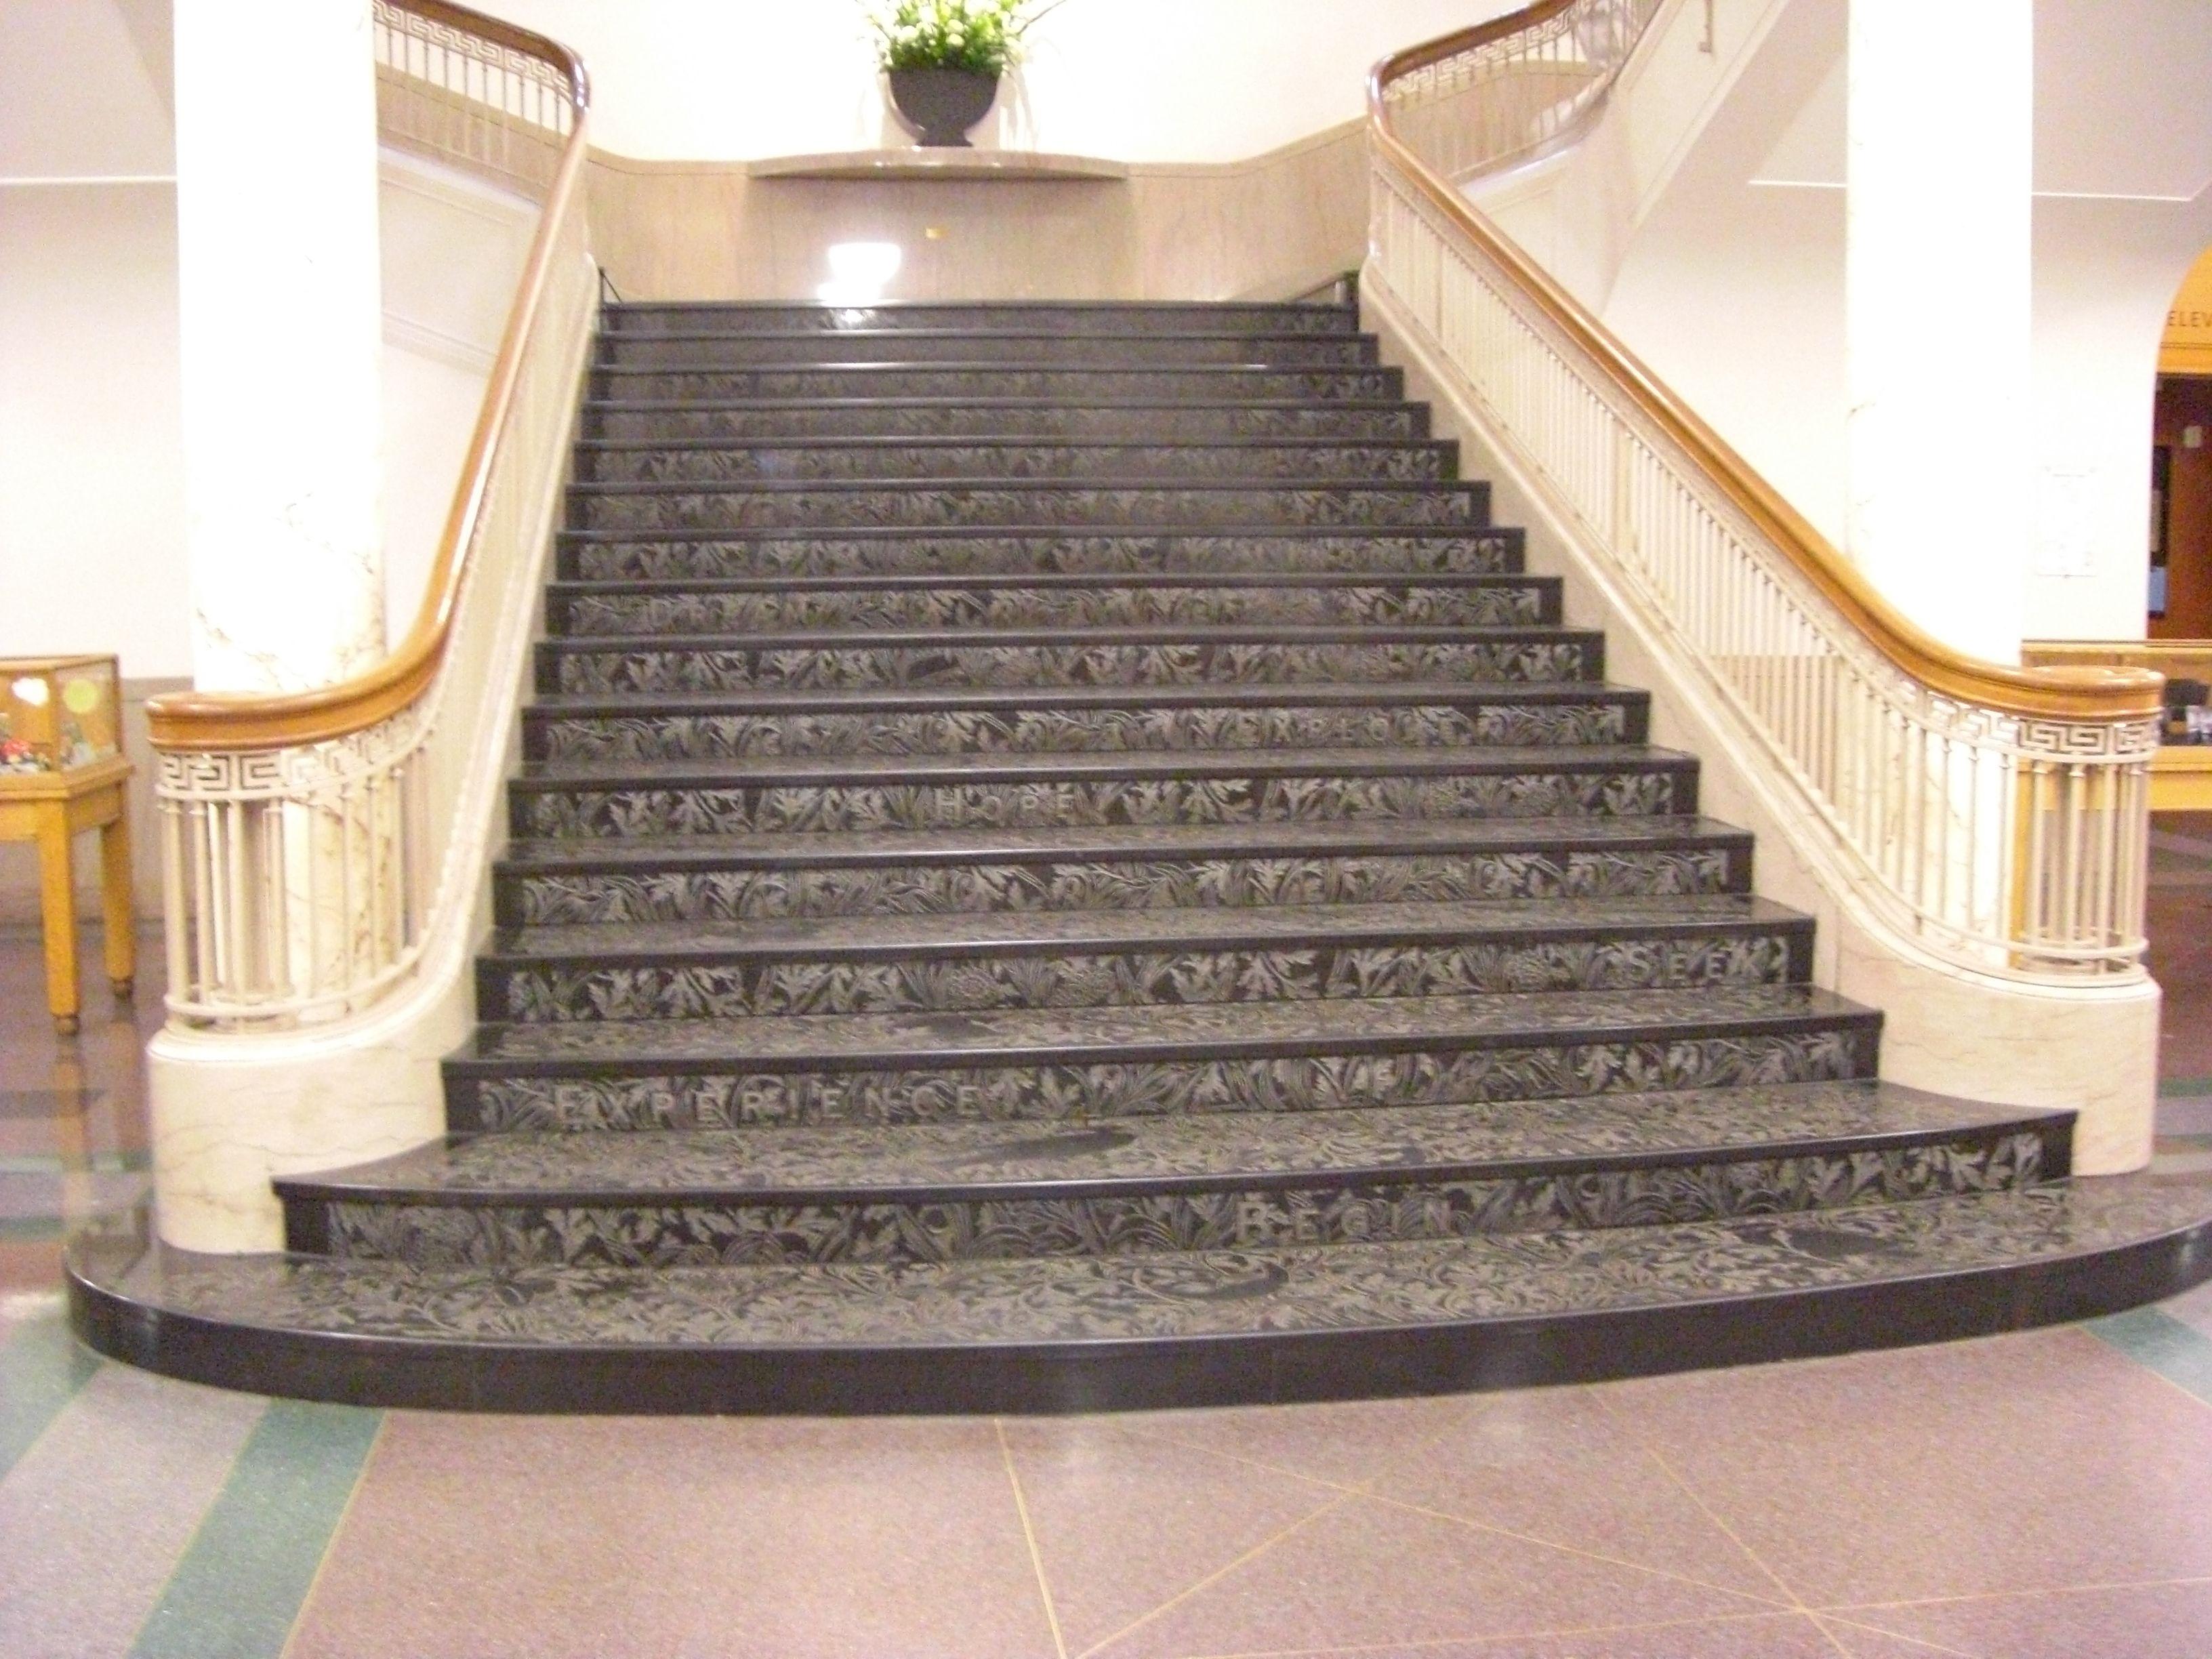 европа фотографии мраморных лестниц распространен всему миру